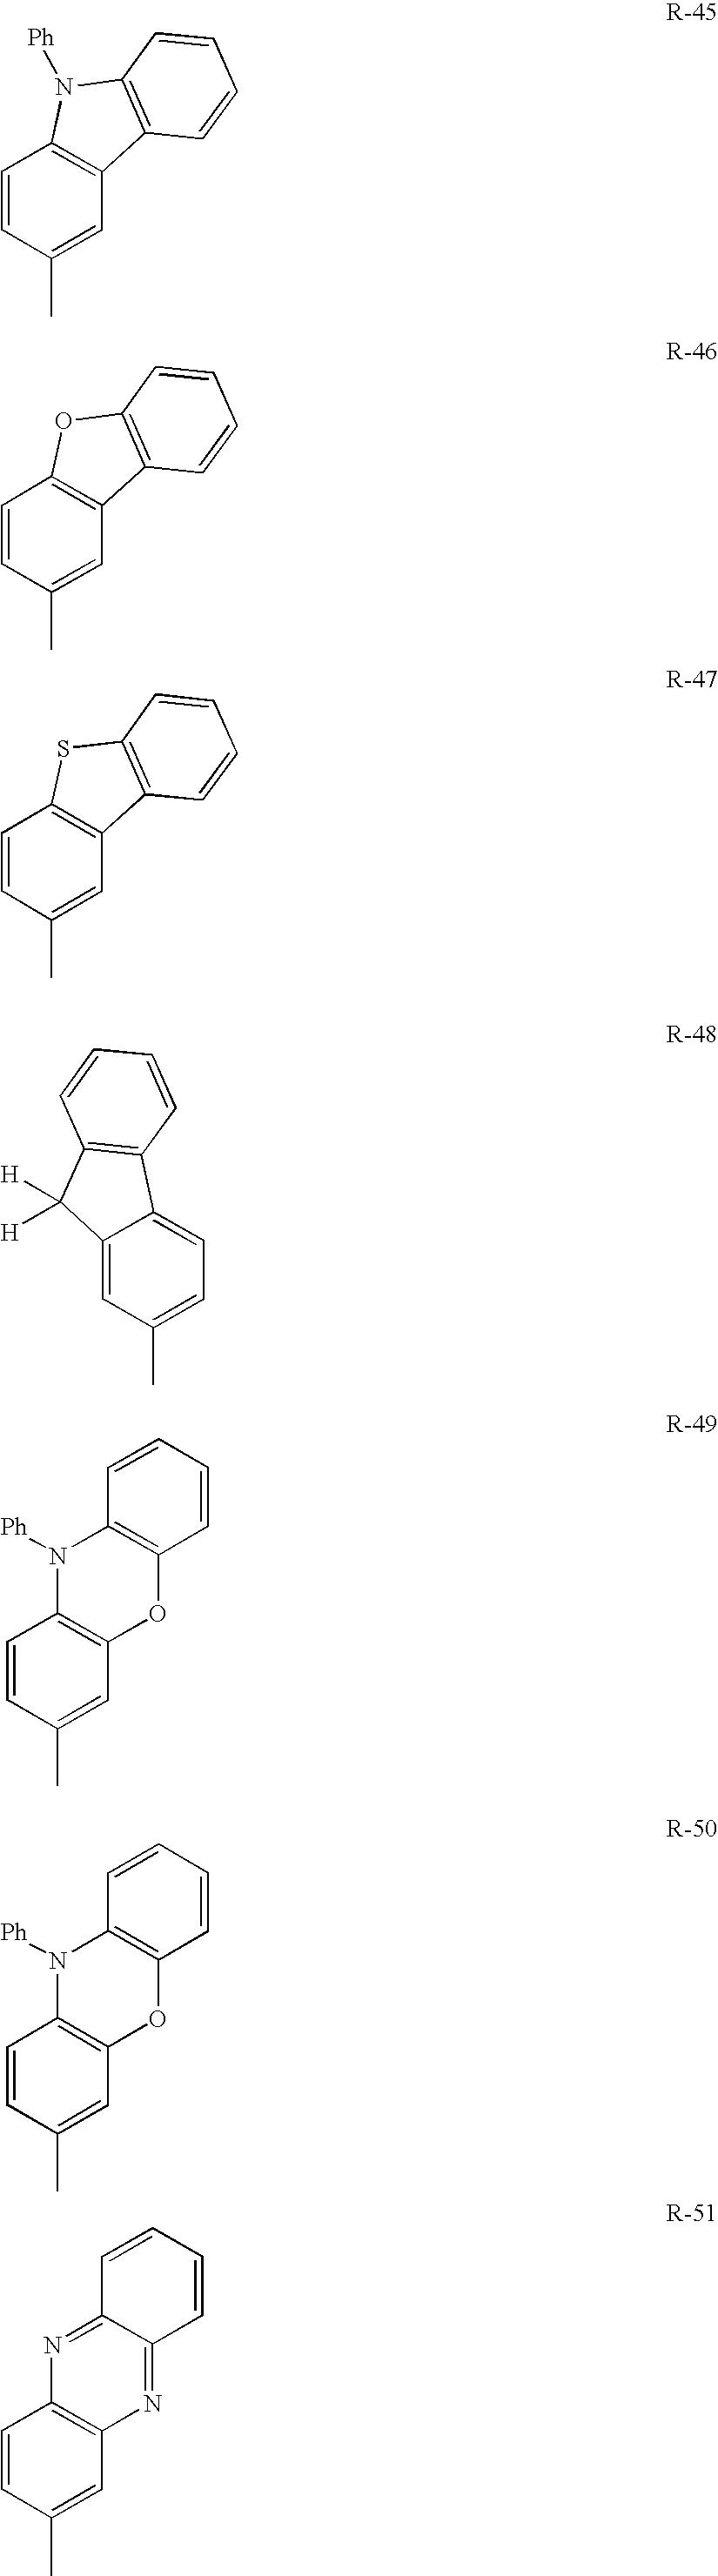 Figure US20060186796A1-20060824-C00025